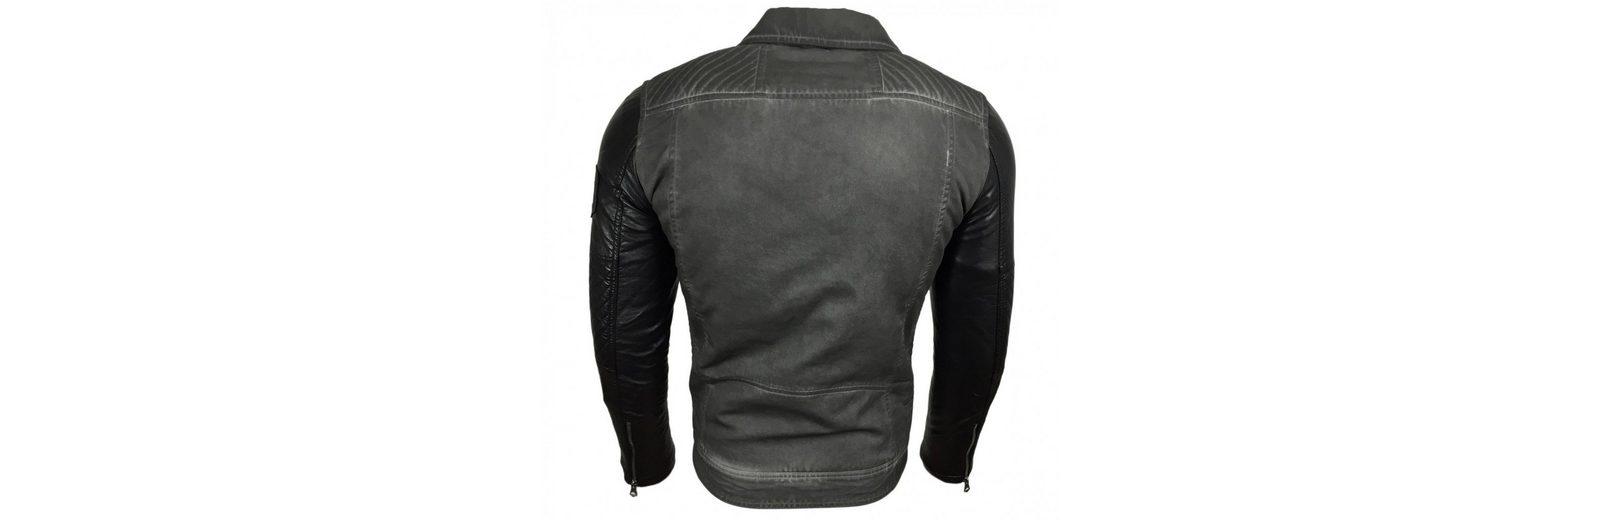 Aus Deutschland Verkauf Online Billig Verkauf Am Besten Rusty Neal Kunstlederjacke mit seitlichem Reißverschluss lmVIY76